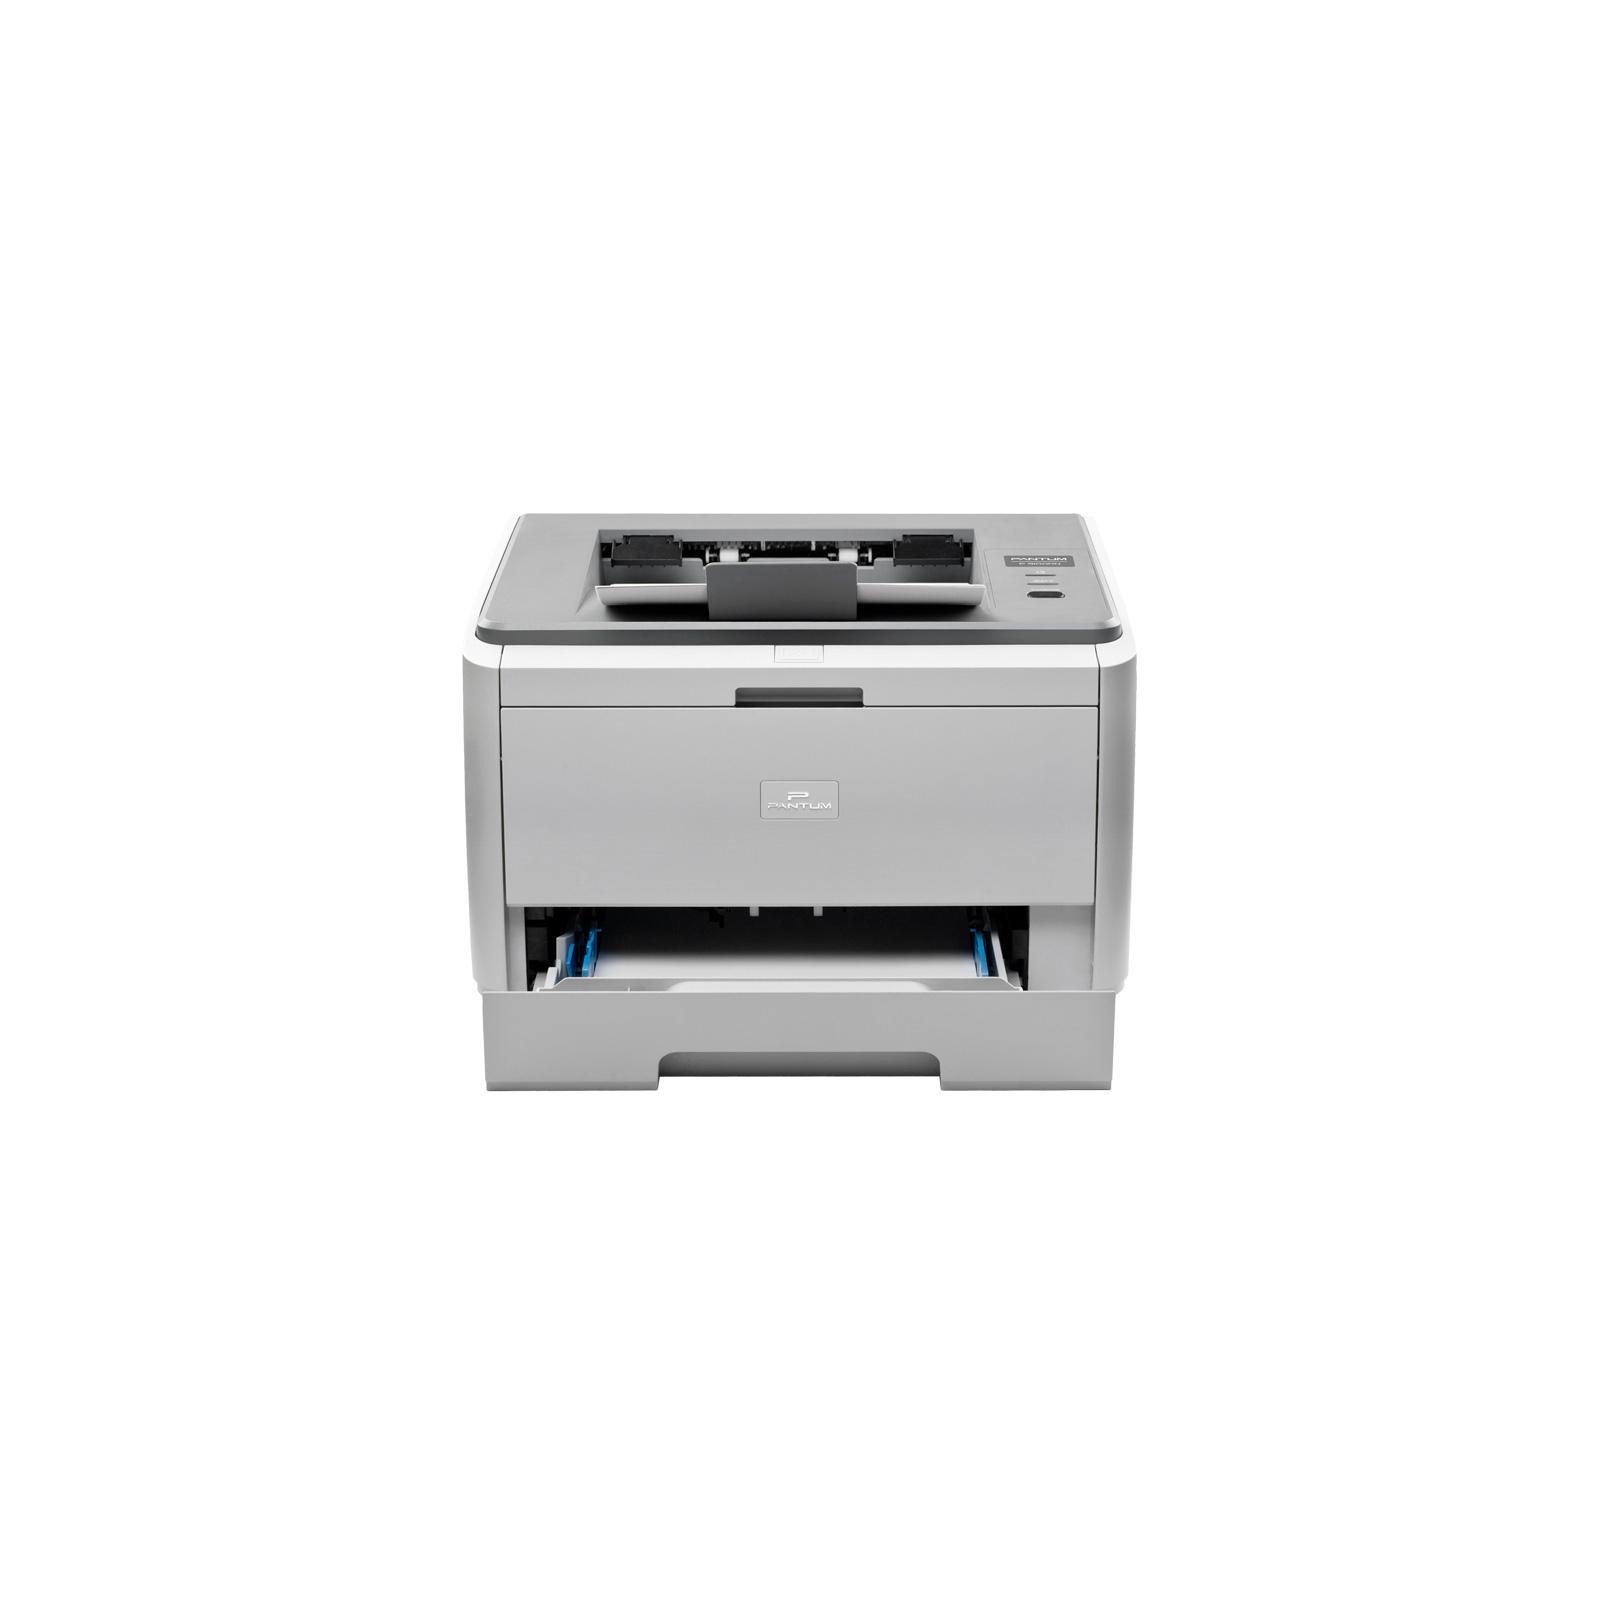 Лазерный принтер Pantum P3100DN (BA9A-1906-AS0) изображение 2